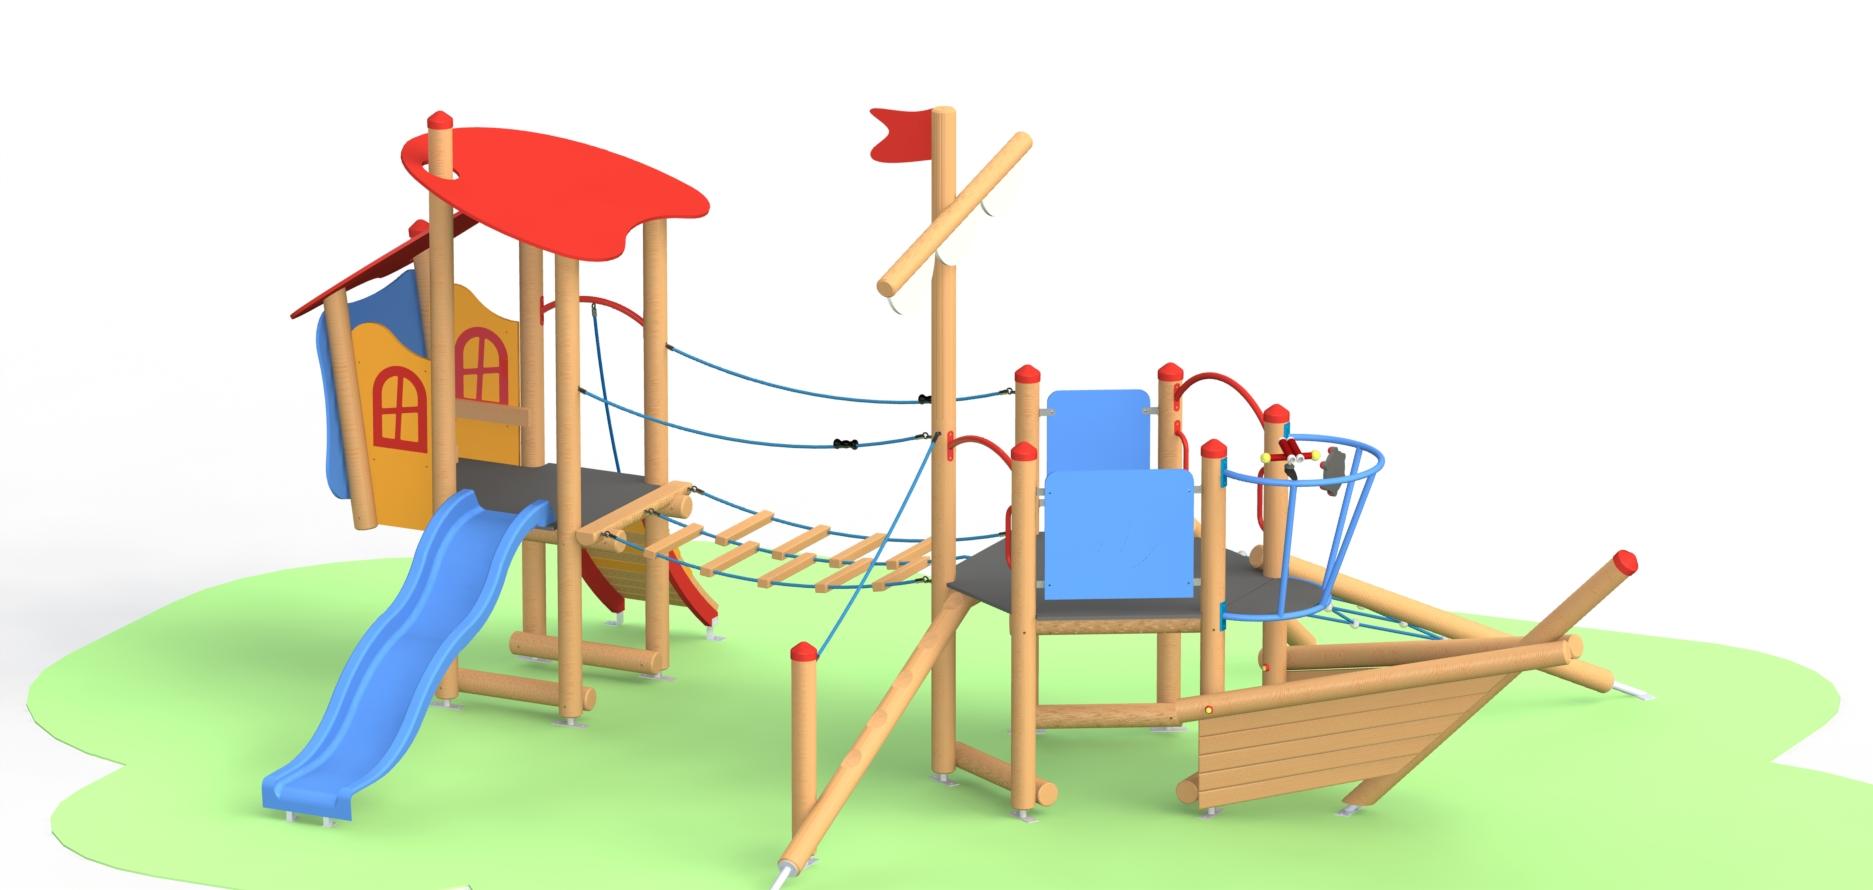 Снимка на продукта: Комбинирано детско съоръжение, модел Г05